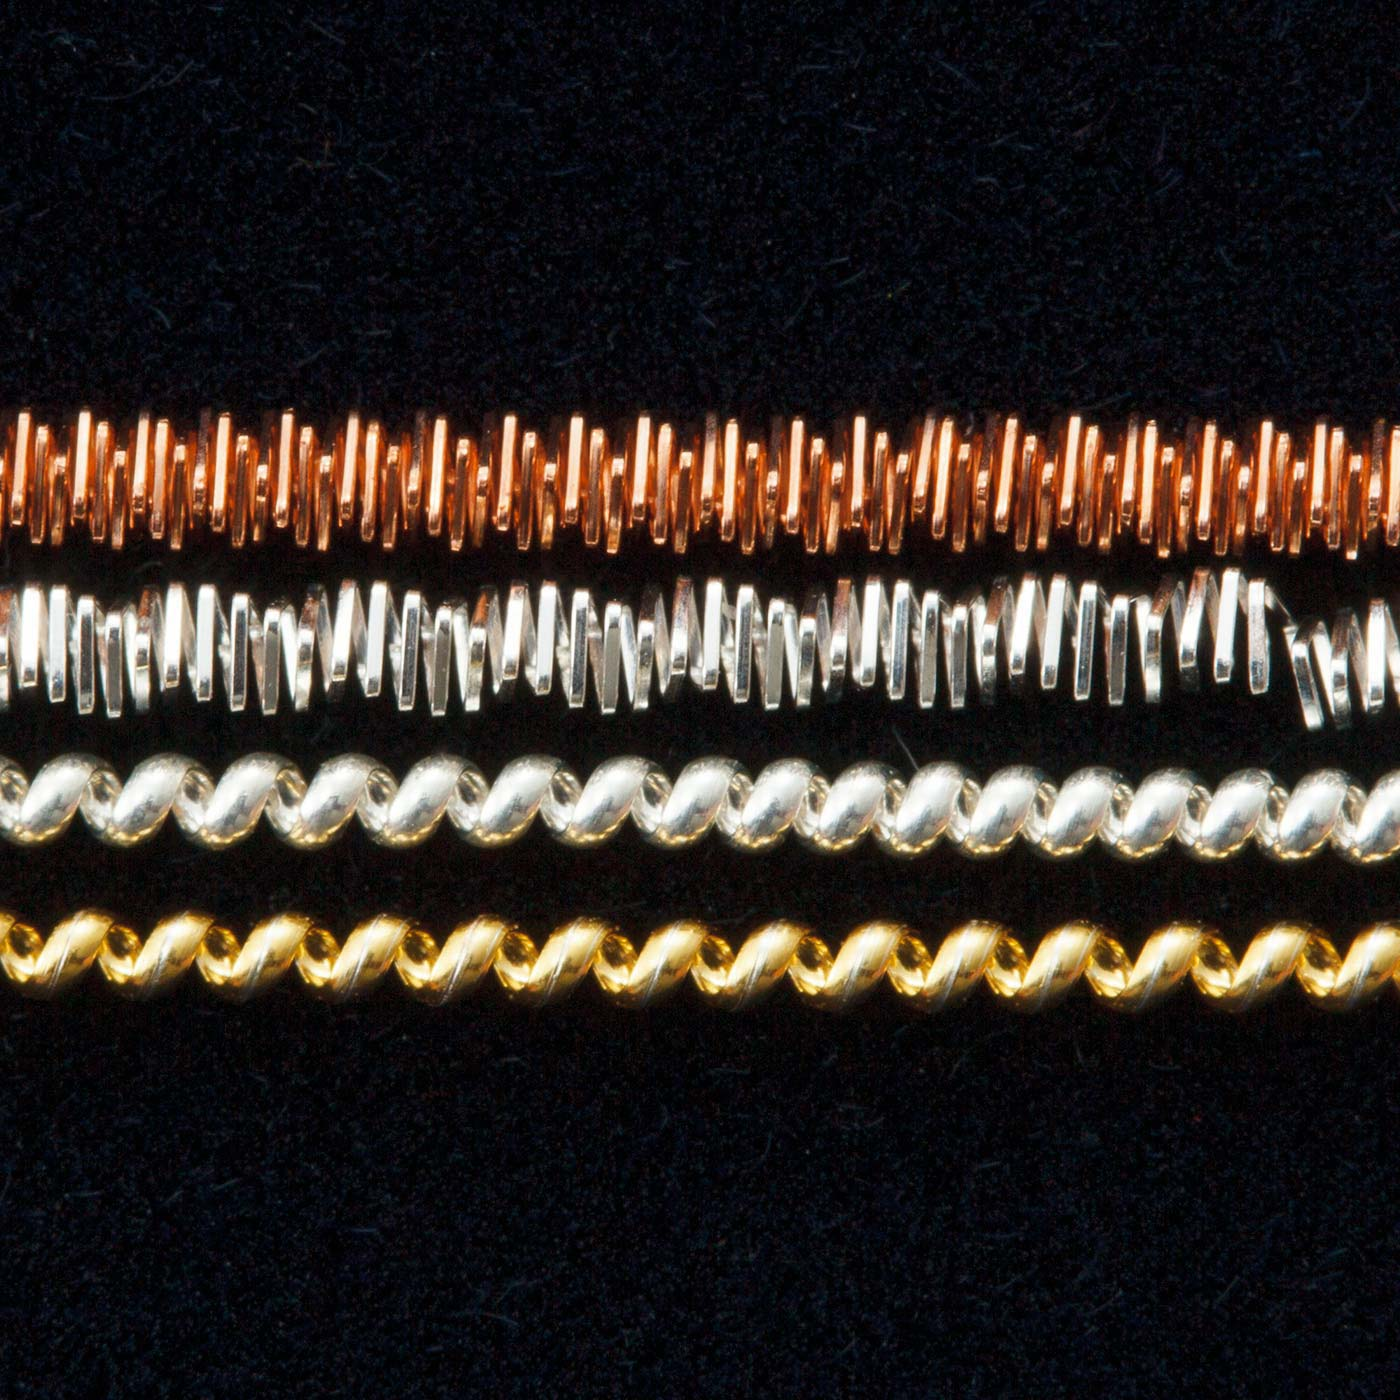 日本では手に入りにくいイギリス製のメタル糸。このほか、ビーズやスパンコール、ビジューなどを使用。